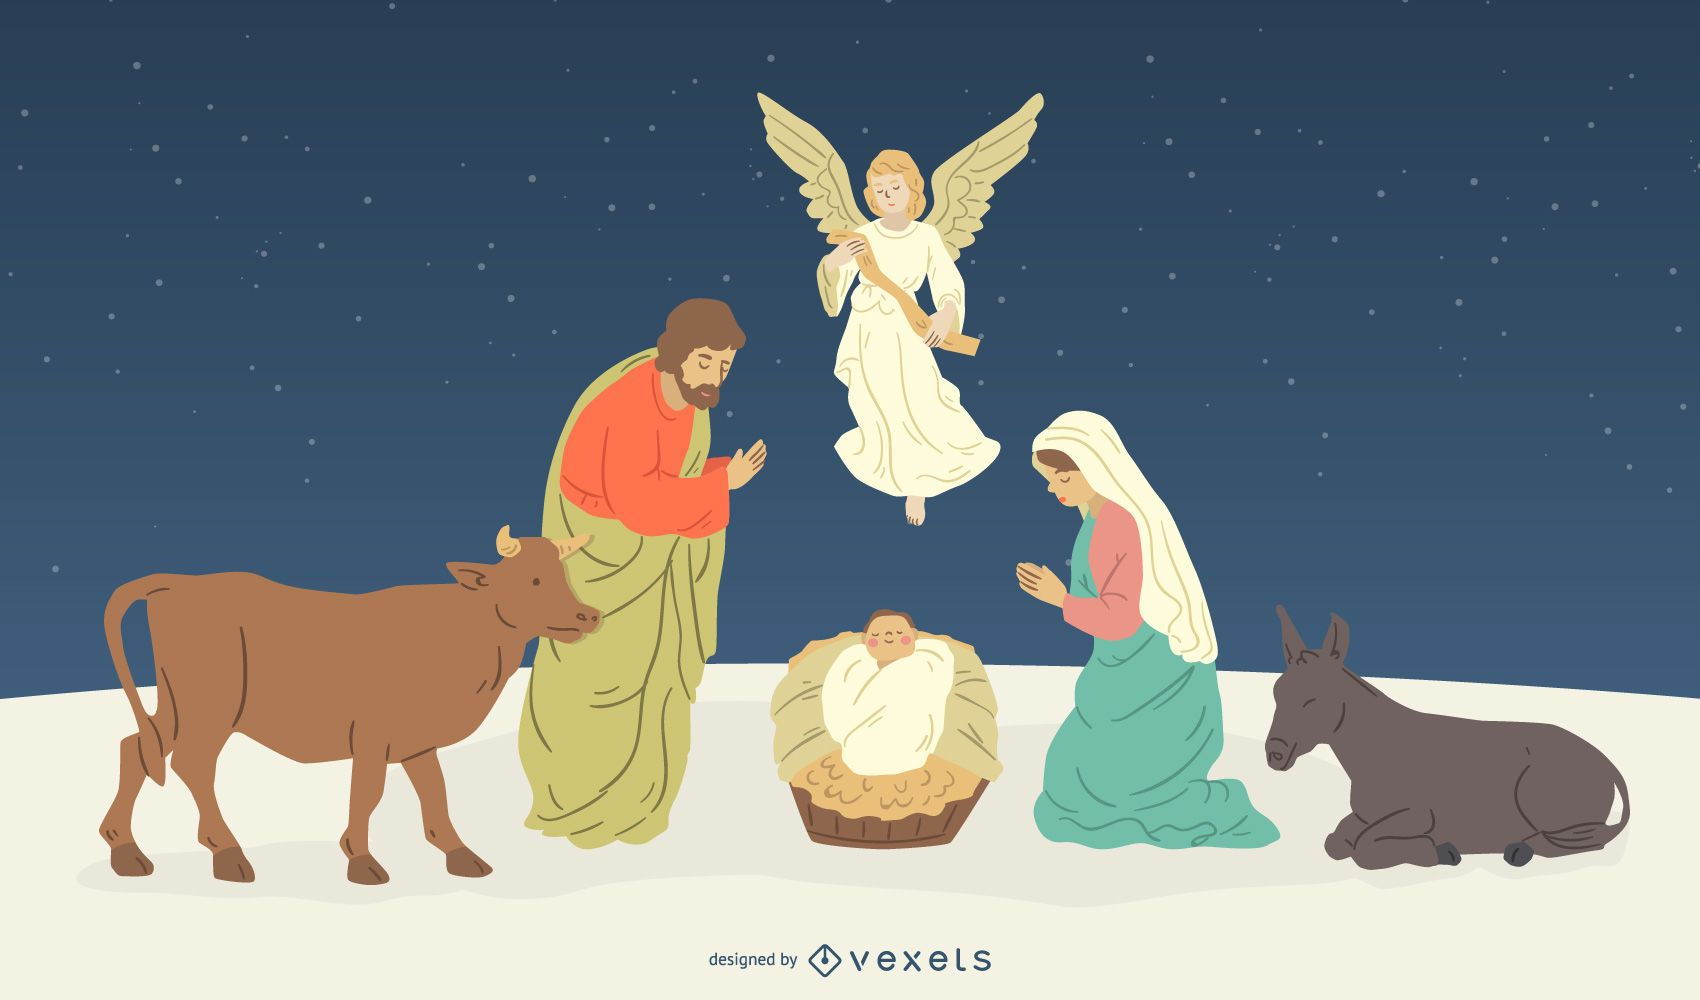 Natividad Personajes Nacimiento De Jesús Ilustración